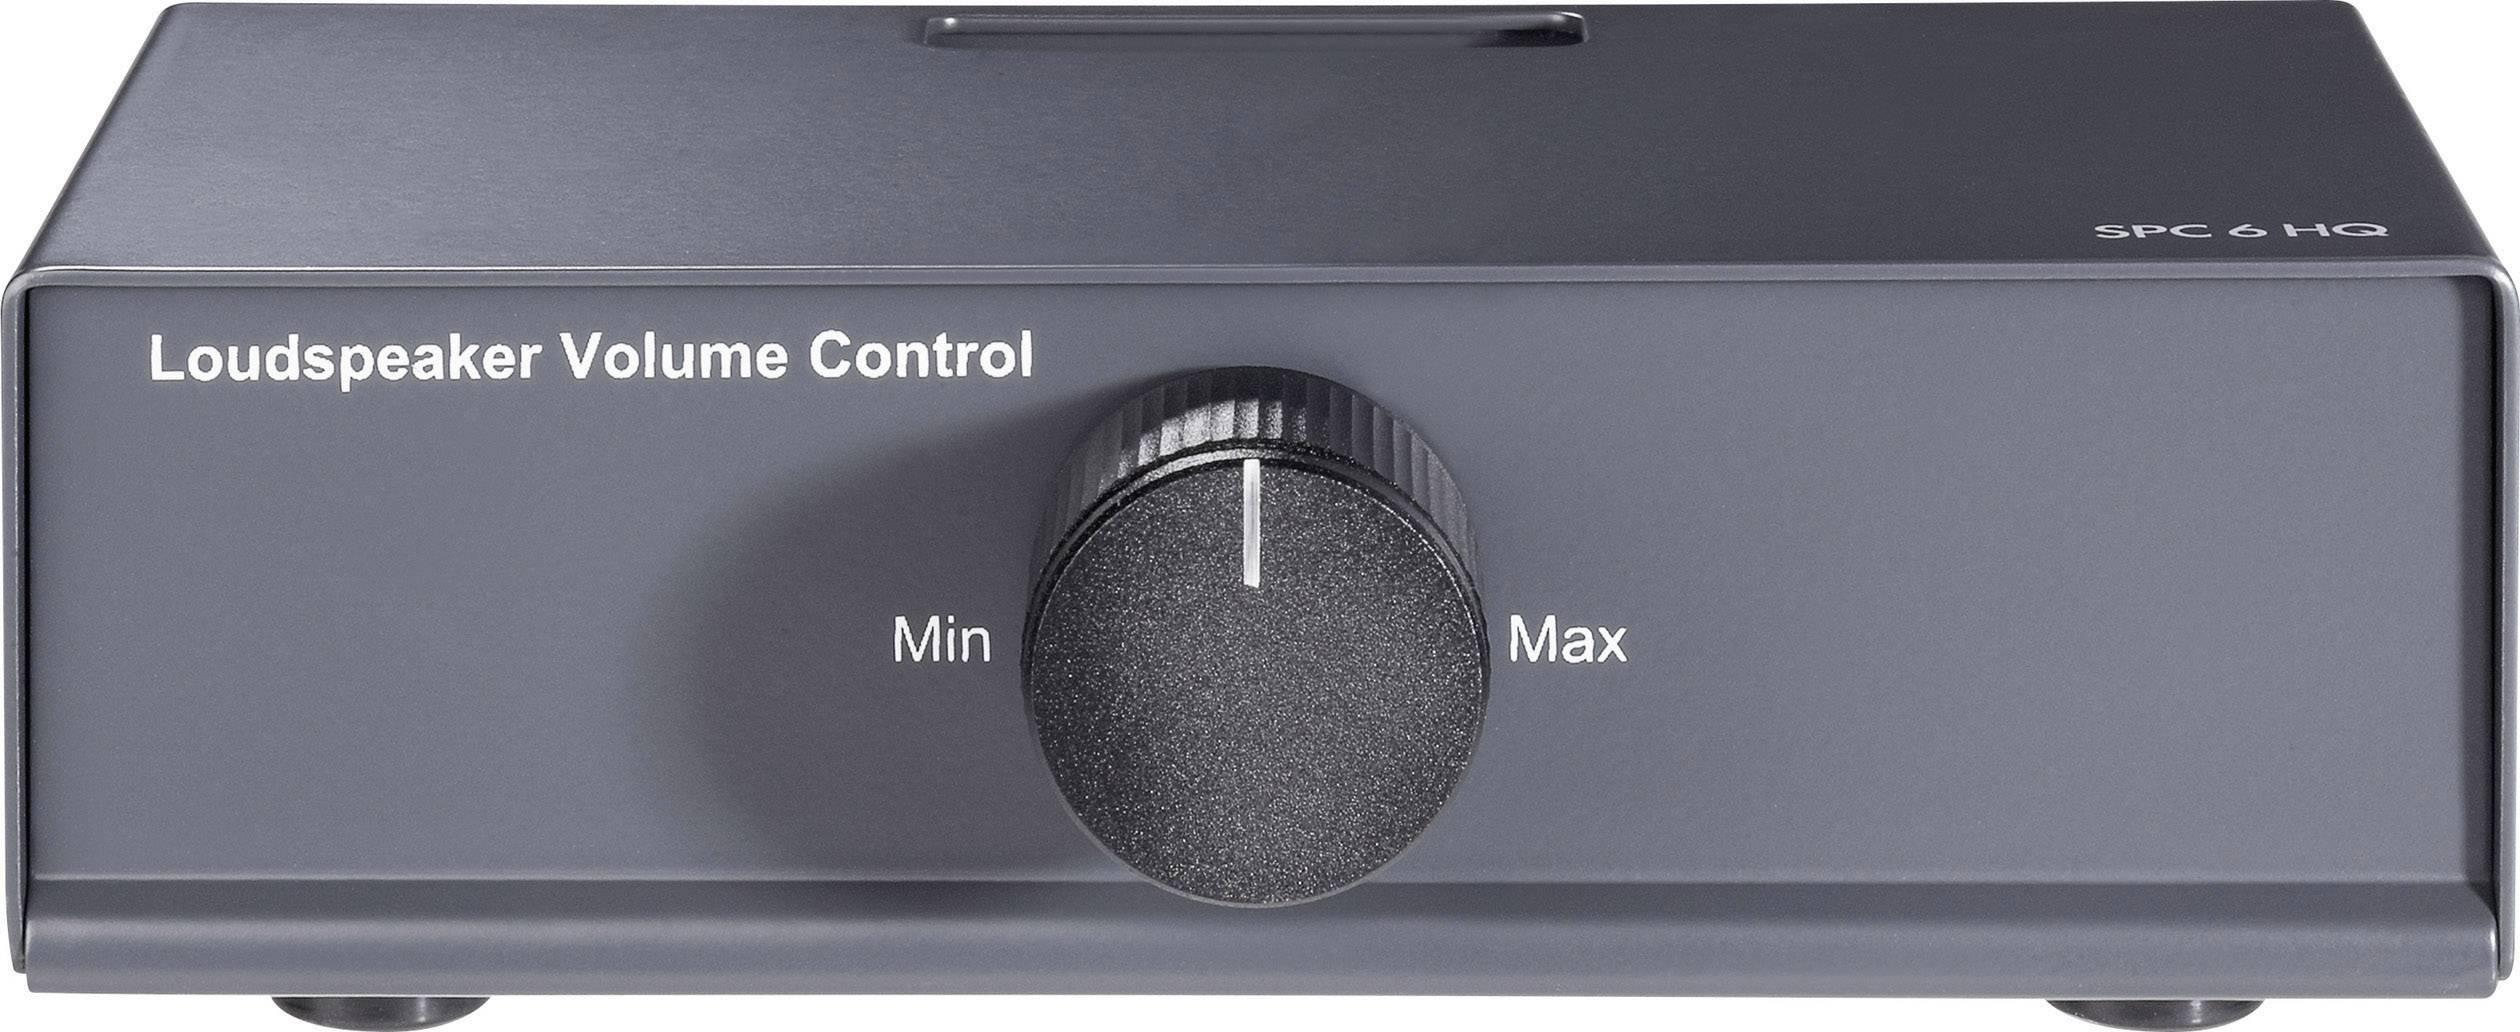 Regulátor hlasitosti